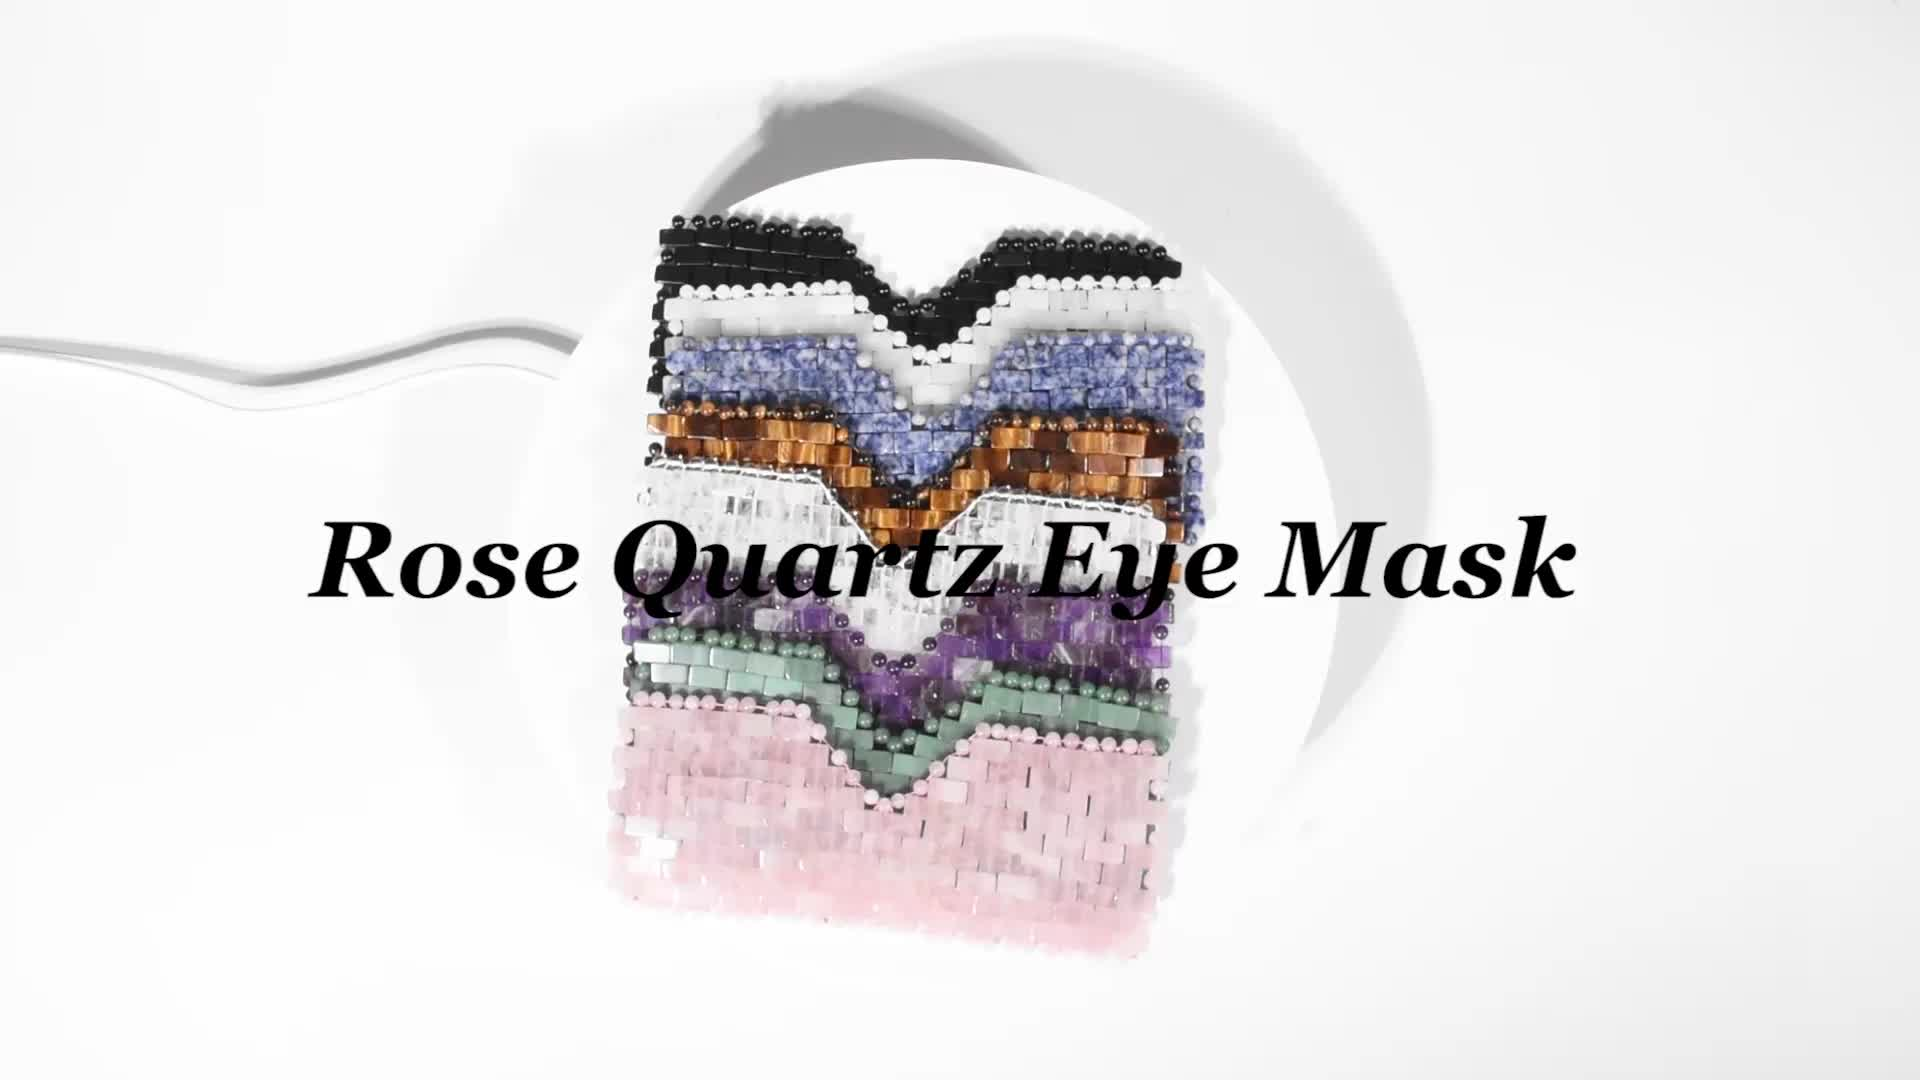 Refroidissement Naturel du visage améthyste Quartz Rose Jade Sommeil Masque pour les yeux Pour les yeux